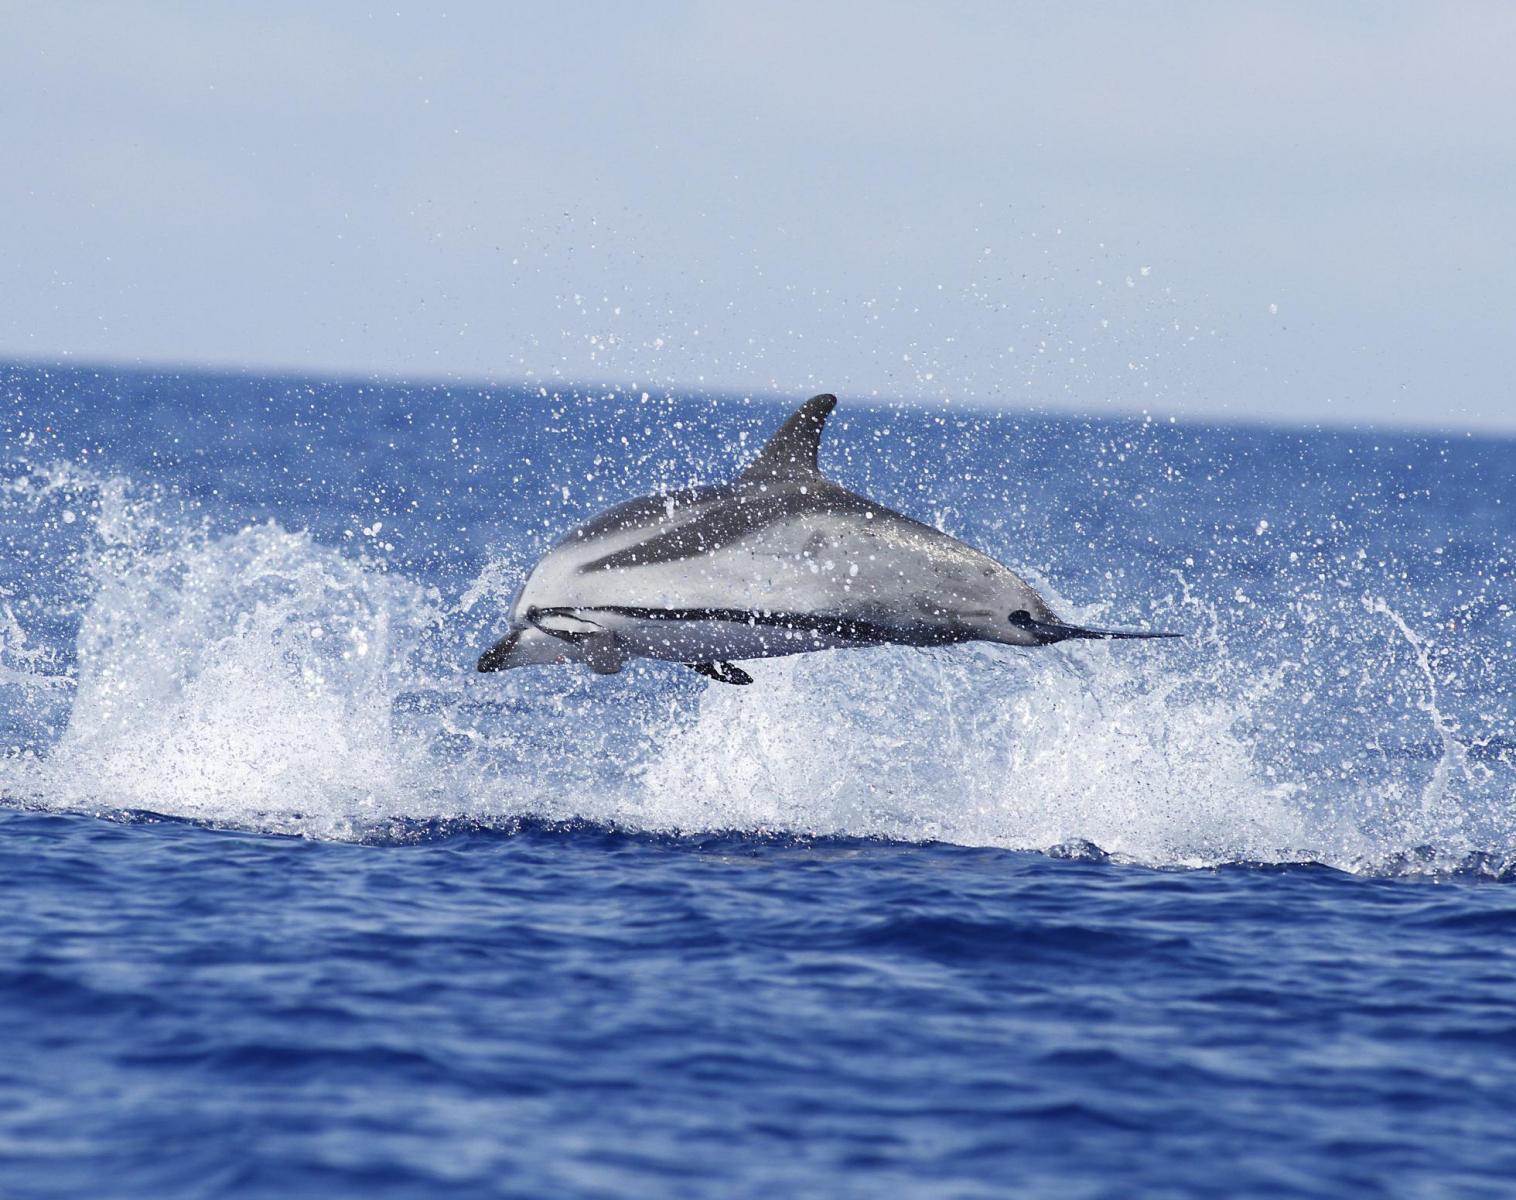 Portugal  Cétacés des Açores - voyage en liberté   Découverte Observation nature Apnée & Plongée  Balade nature